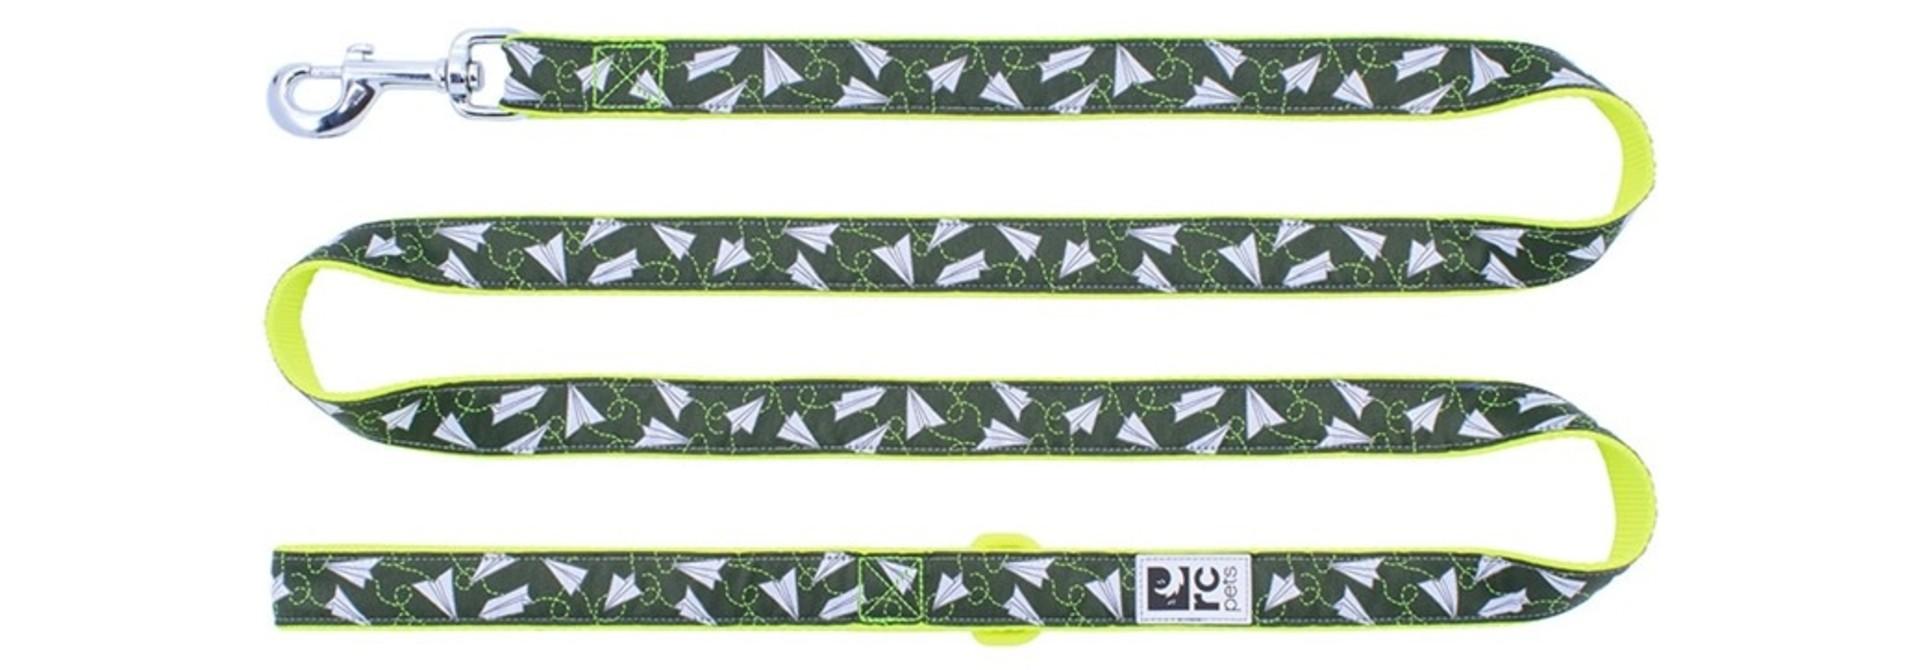 Leash 1x6 Paper Planes